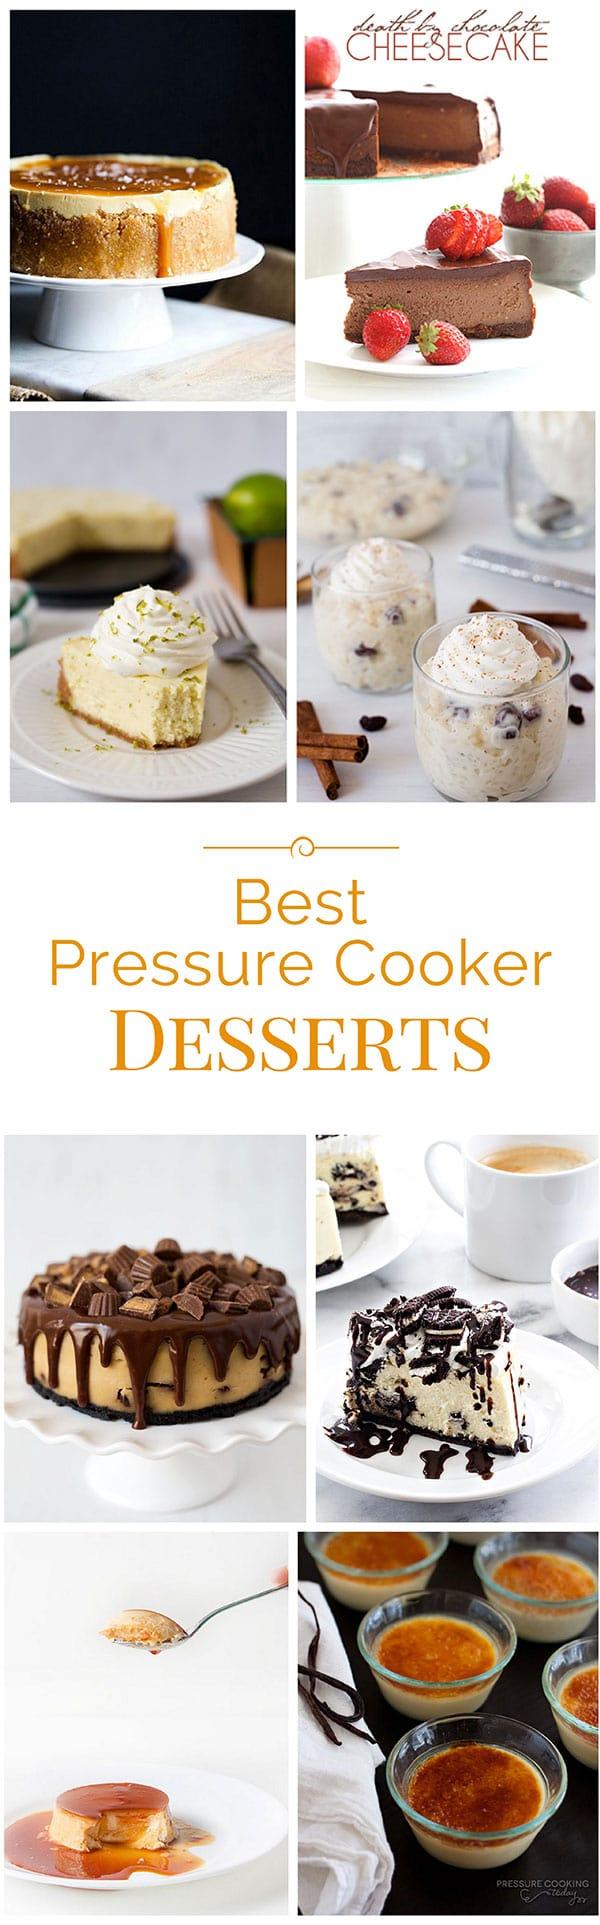 Best-Pressure-Cooker-Desserts-Collage